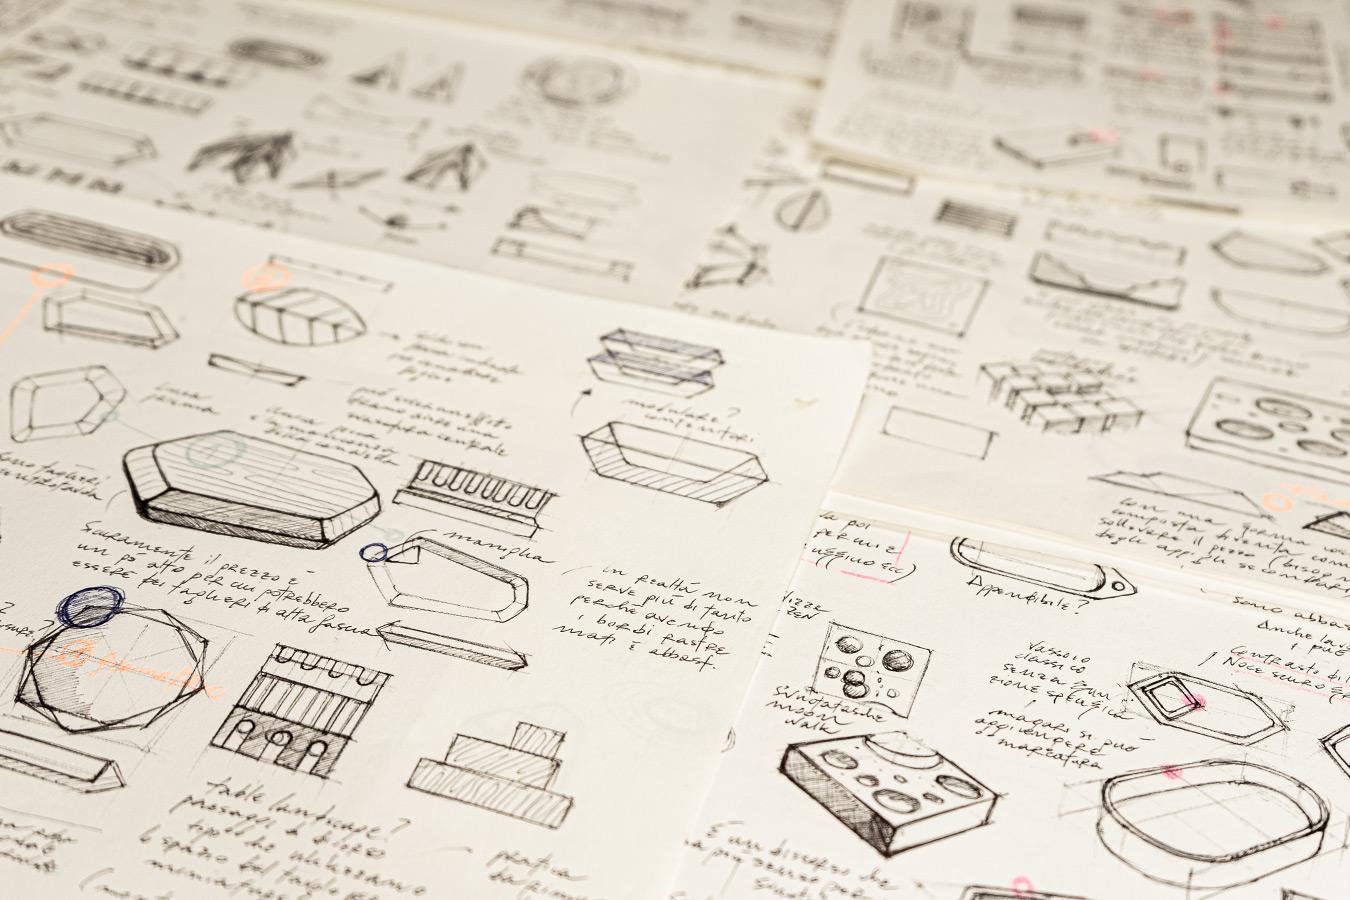 bozzetti progettuali, idee di prodotto